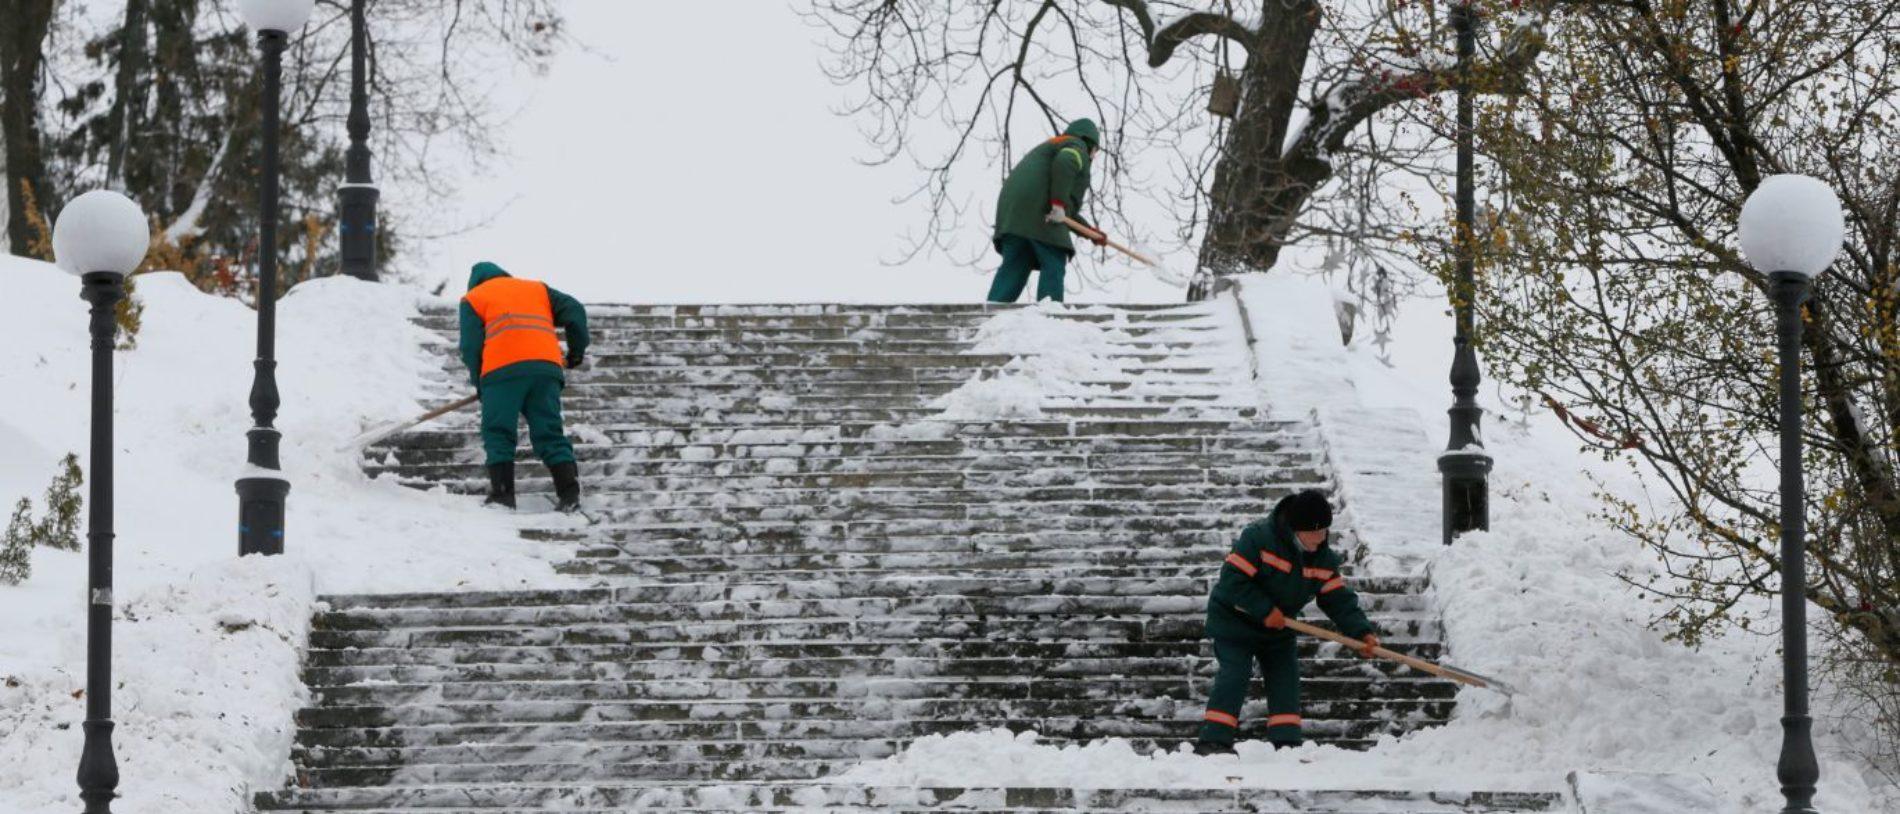 Neve na cidade da Guarda exige atenção redobrada dos condutores